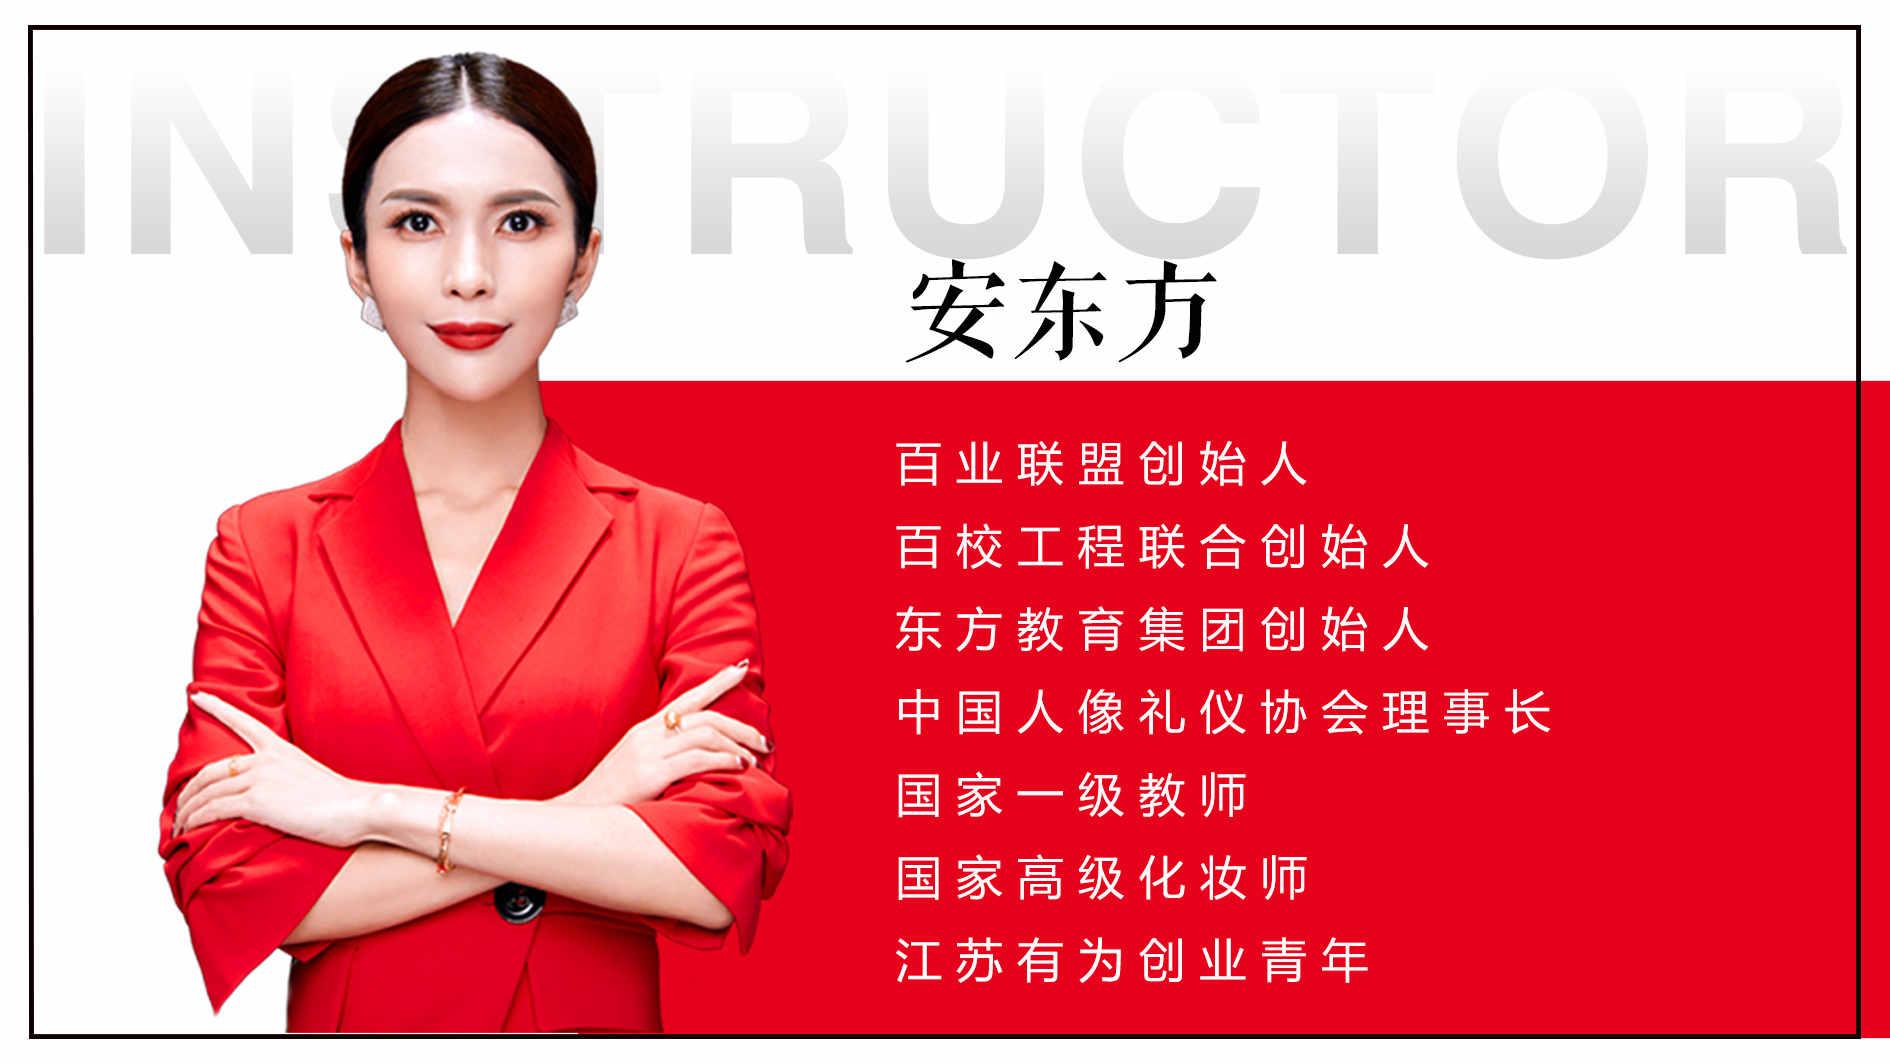 无锡市化妆乐虎app官网学校排行榜